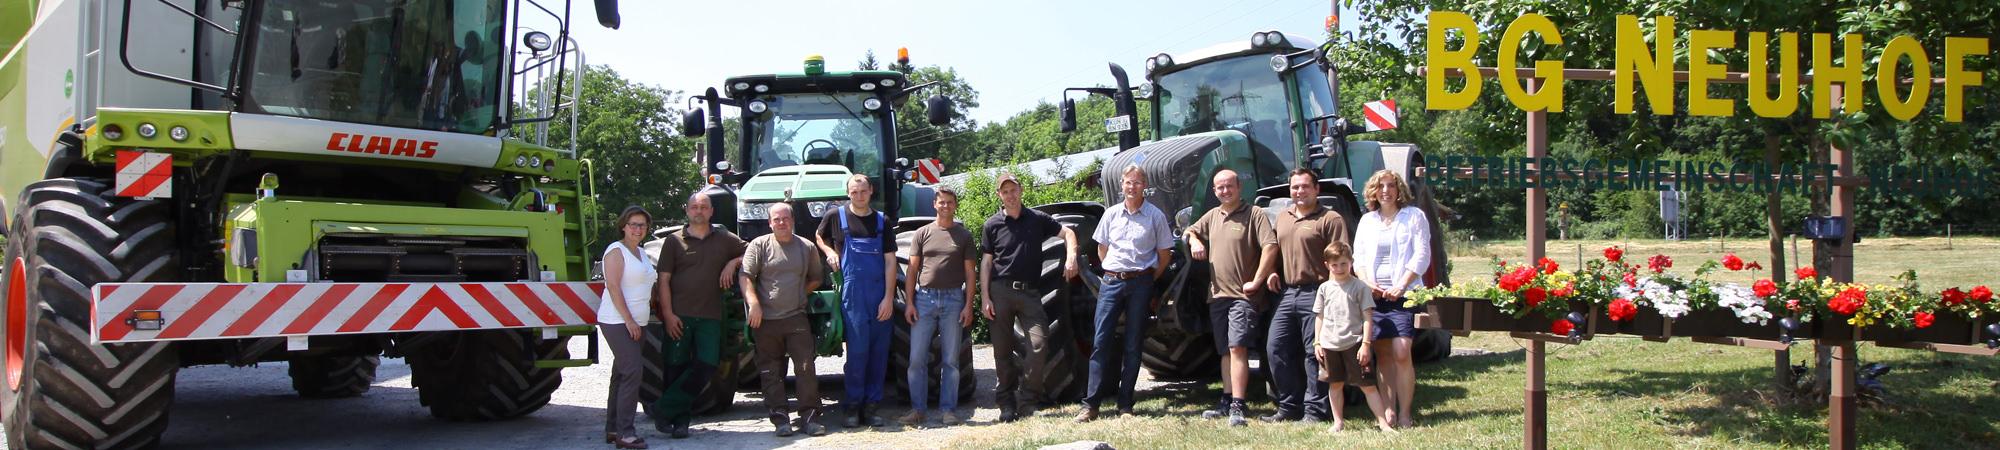 Bertriebsgemeinschaft Neuhof Team